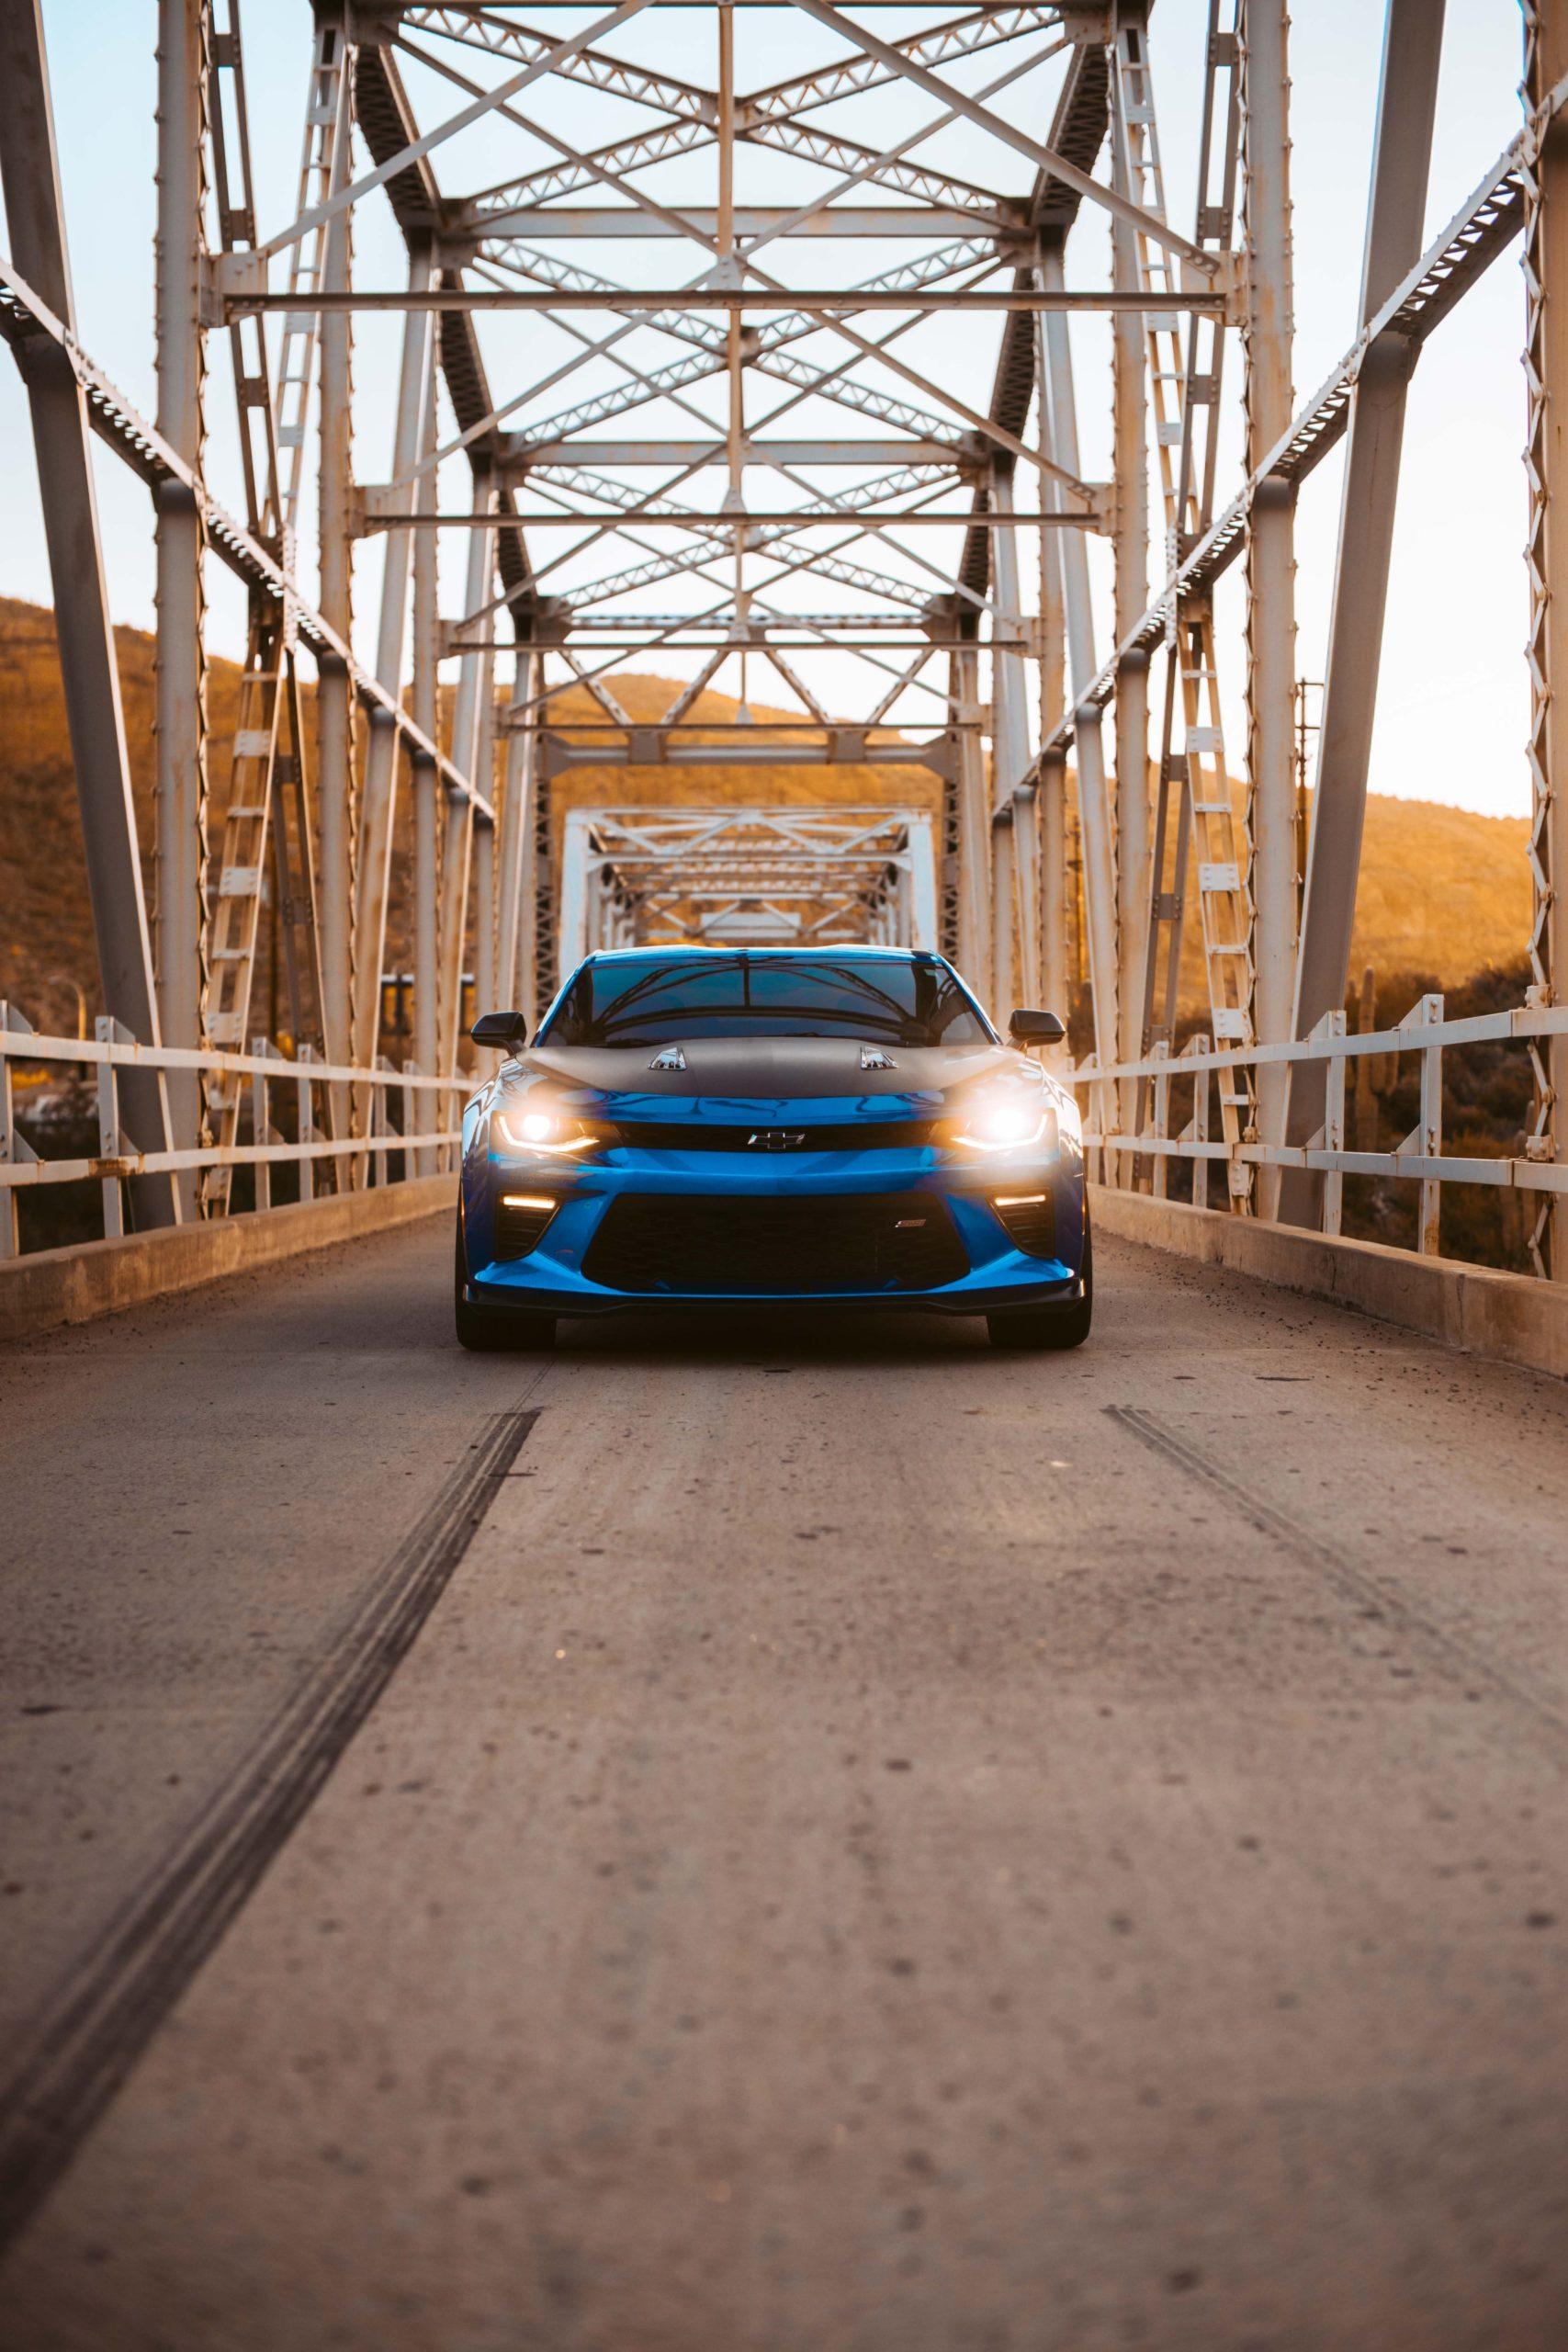 Blue Luxury Car on Bridge Background